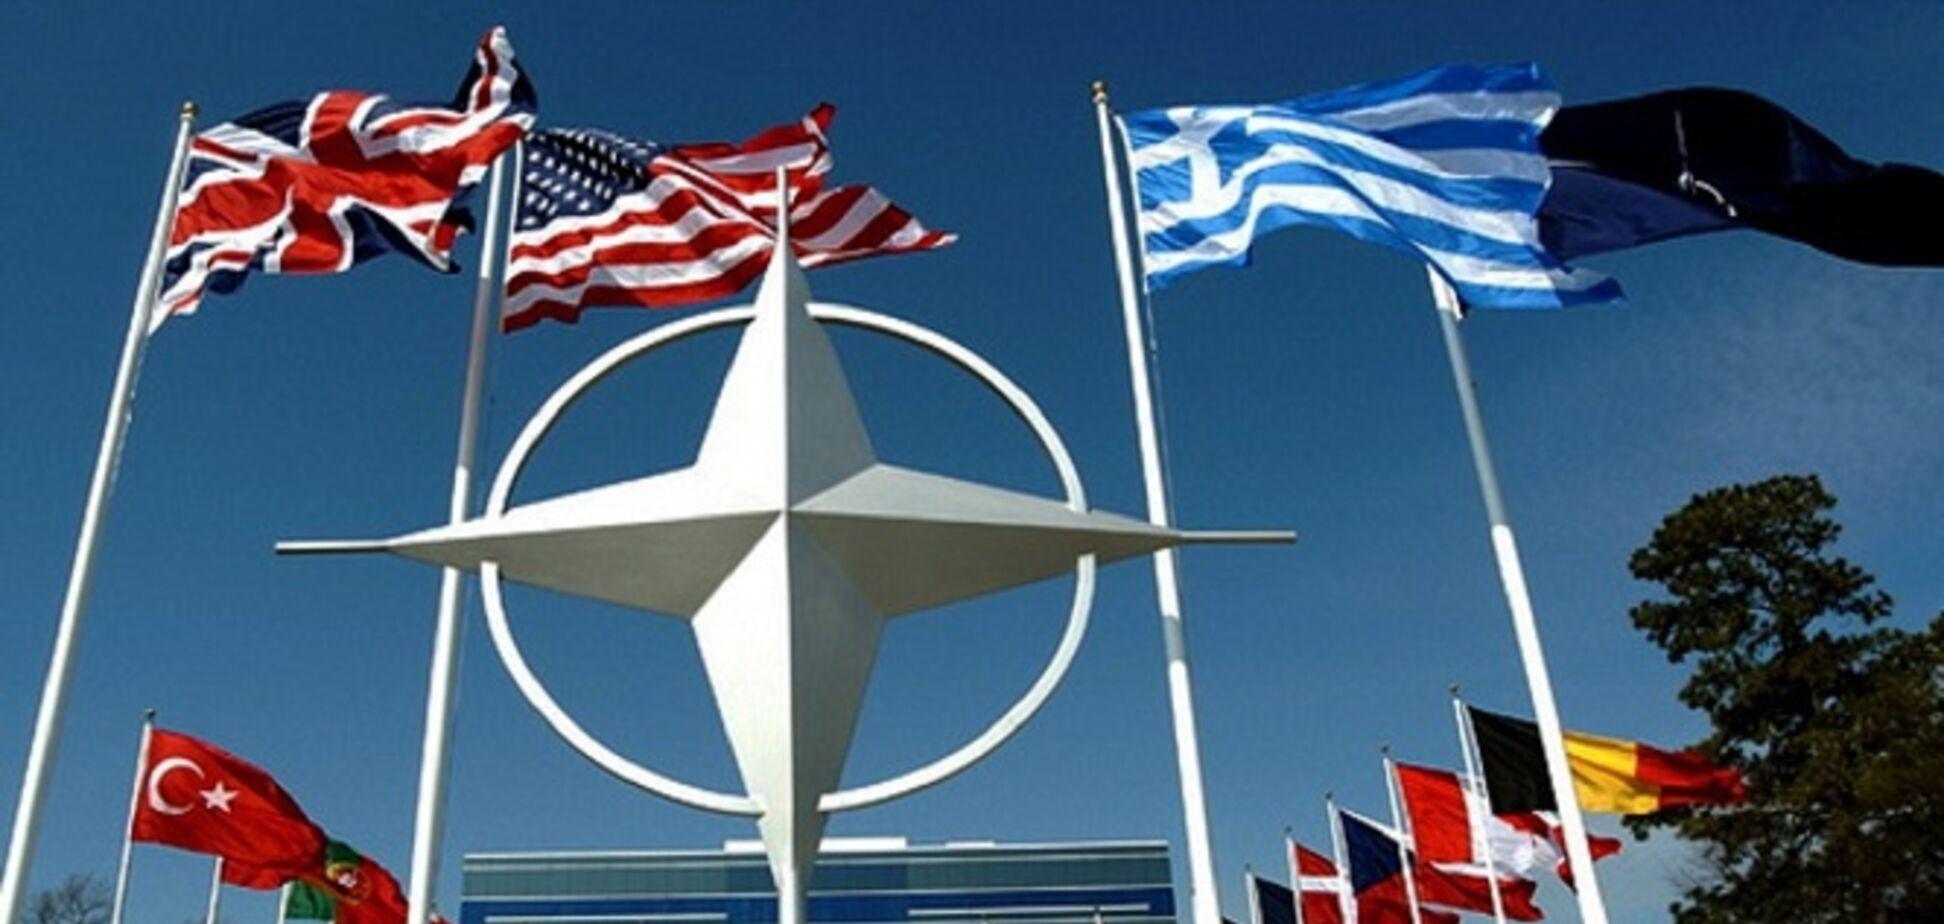 Штаты и НАТО всерьез обживаются на восточных границах Альянса